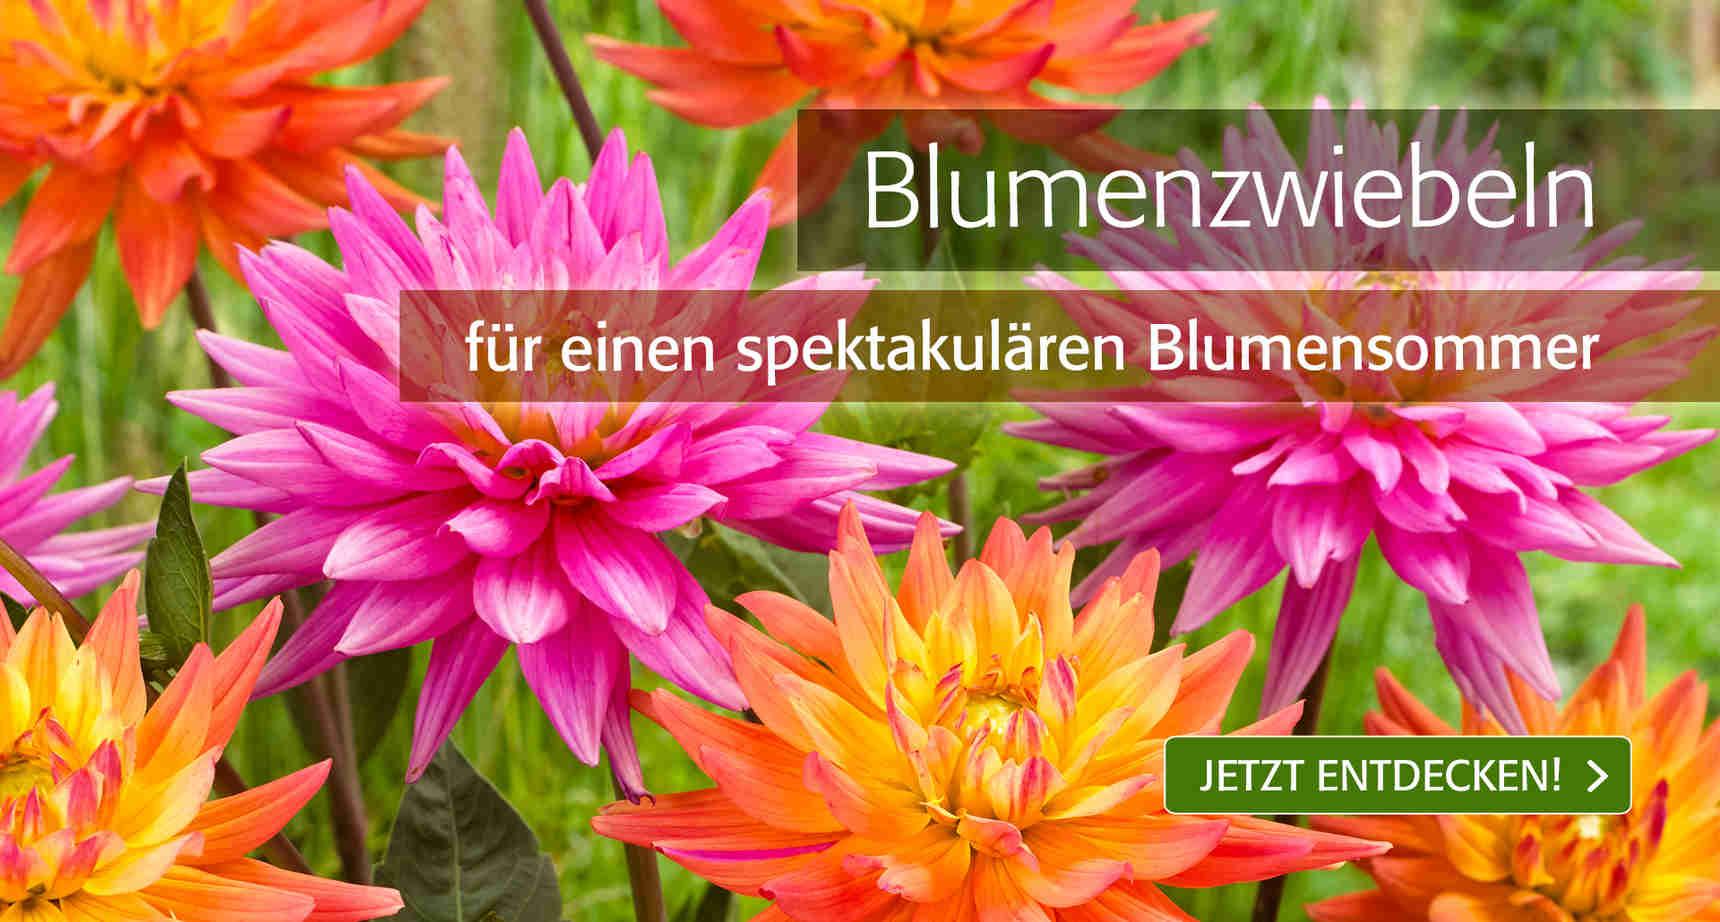 Teaser // 1 // Blumenzwiebeln - 4